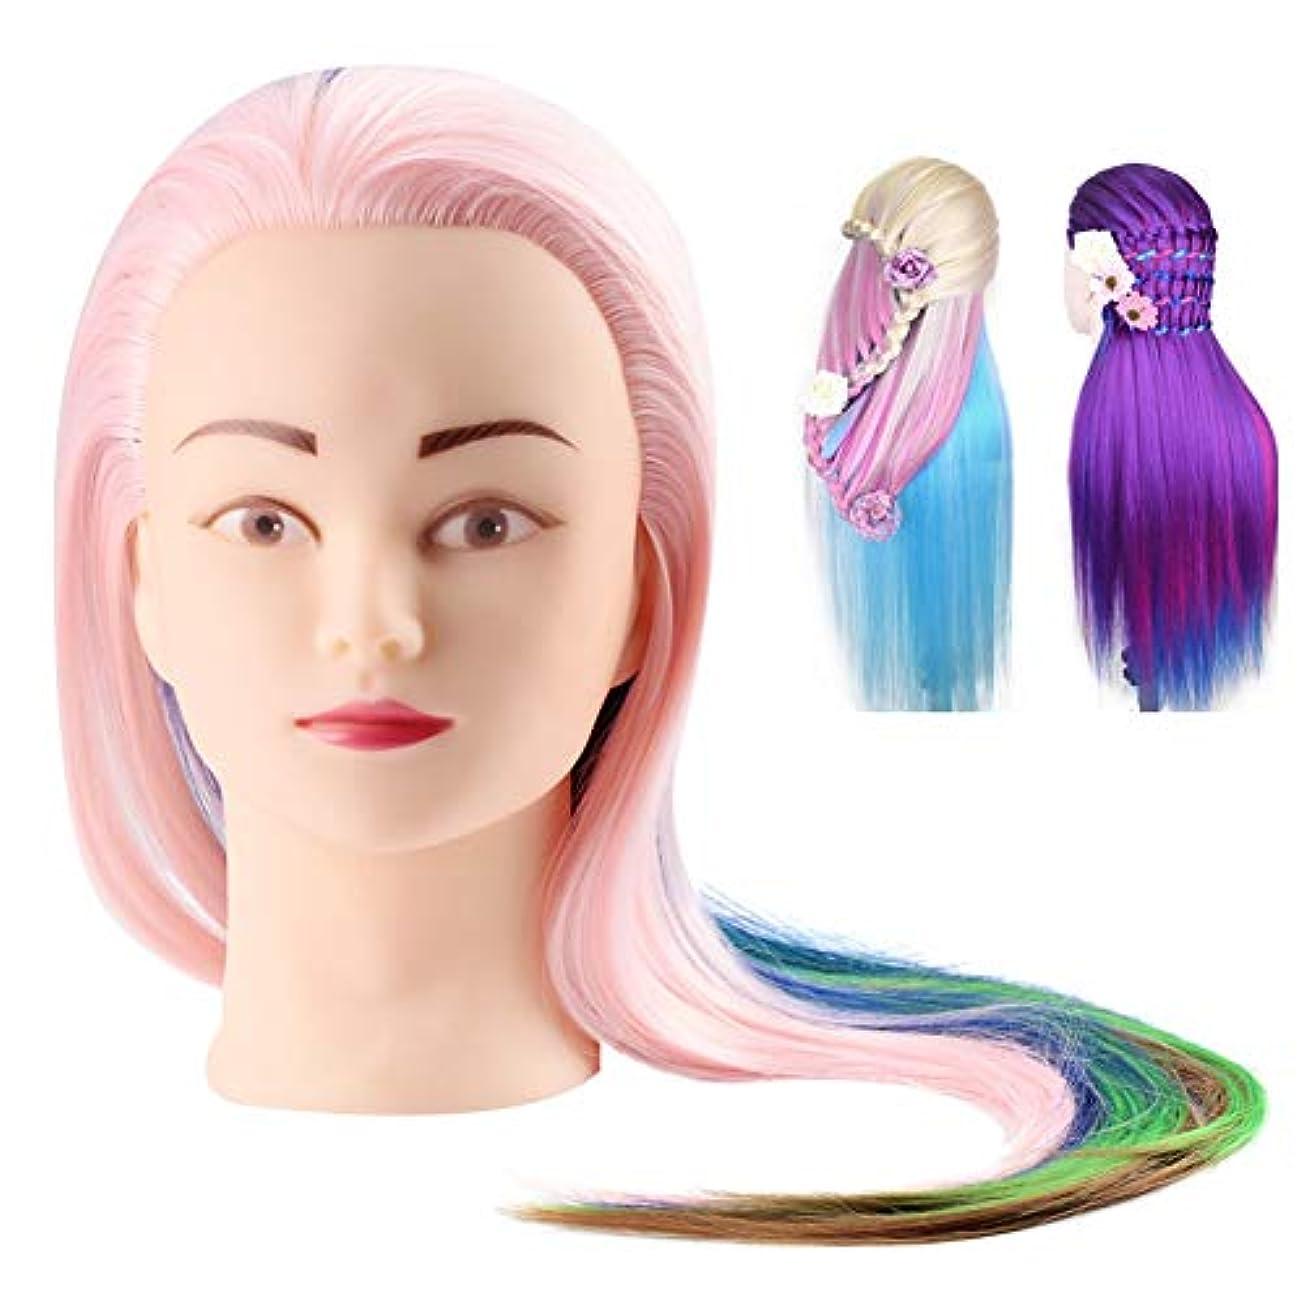 役職火山乱すプロの理髪ヘッド、化粧品実用的なマネキン人形人工毛、人工毛理髪トレーニングヘッドエクササイズマネキン